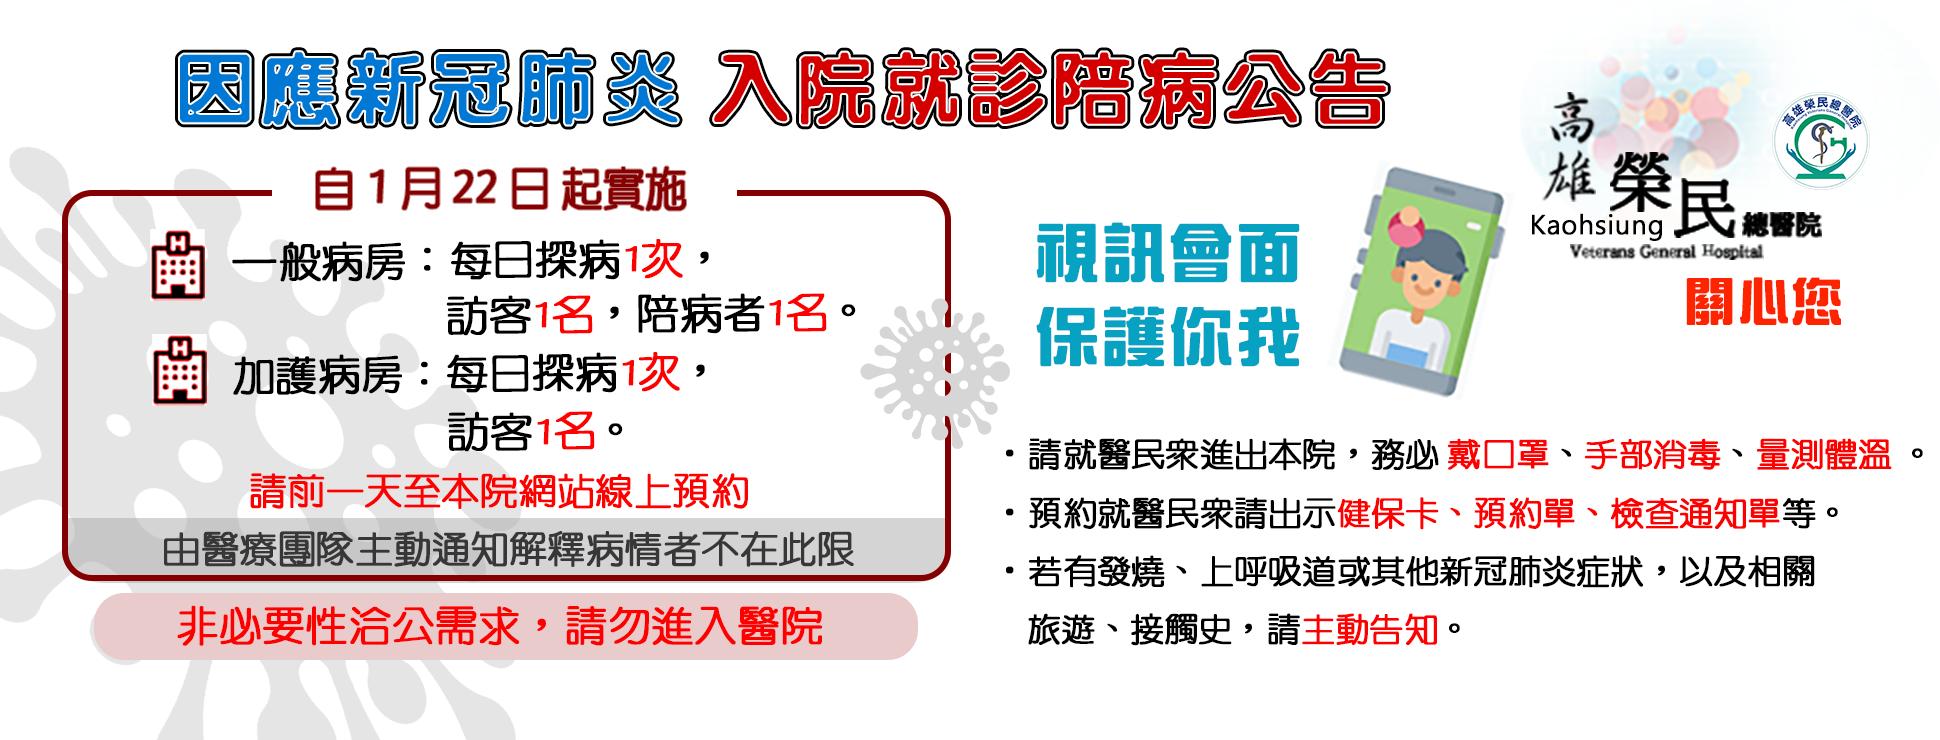 1100122「醫企部」 - 防疫期間入院就診陪探病公告(圖片)